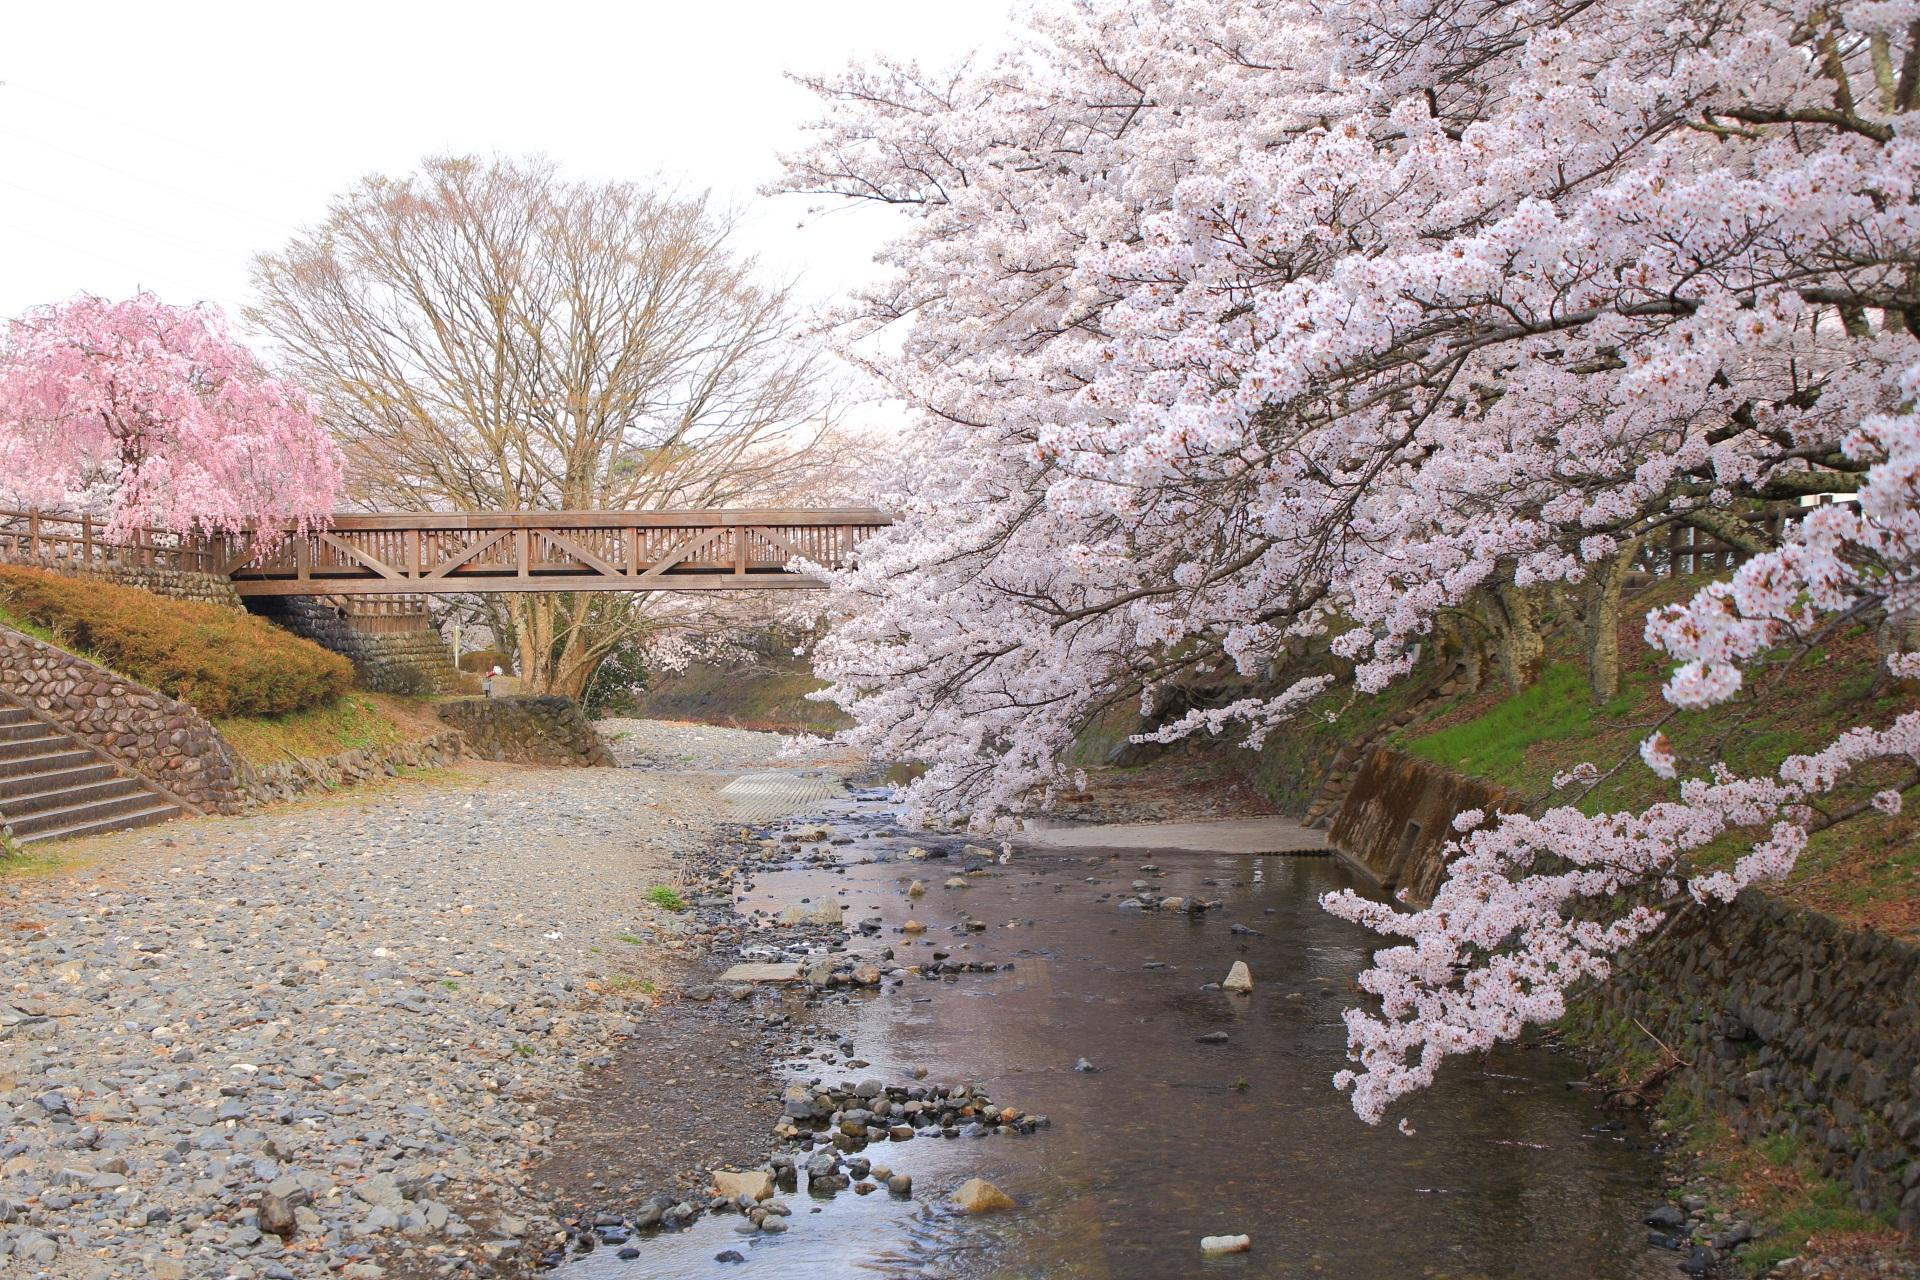 七谷川の上流側から眺めた桜と橋